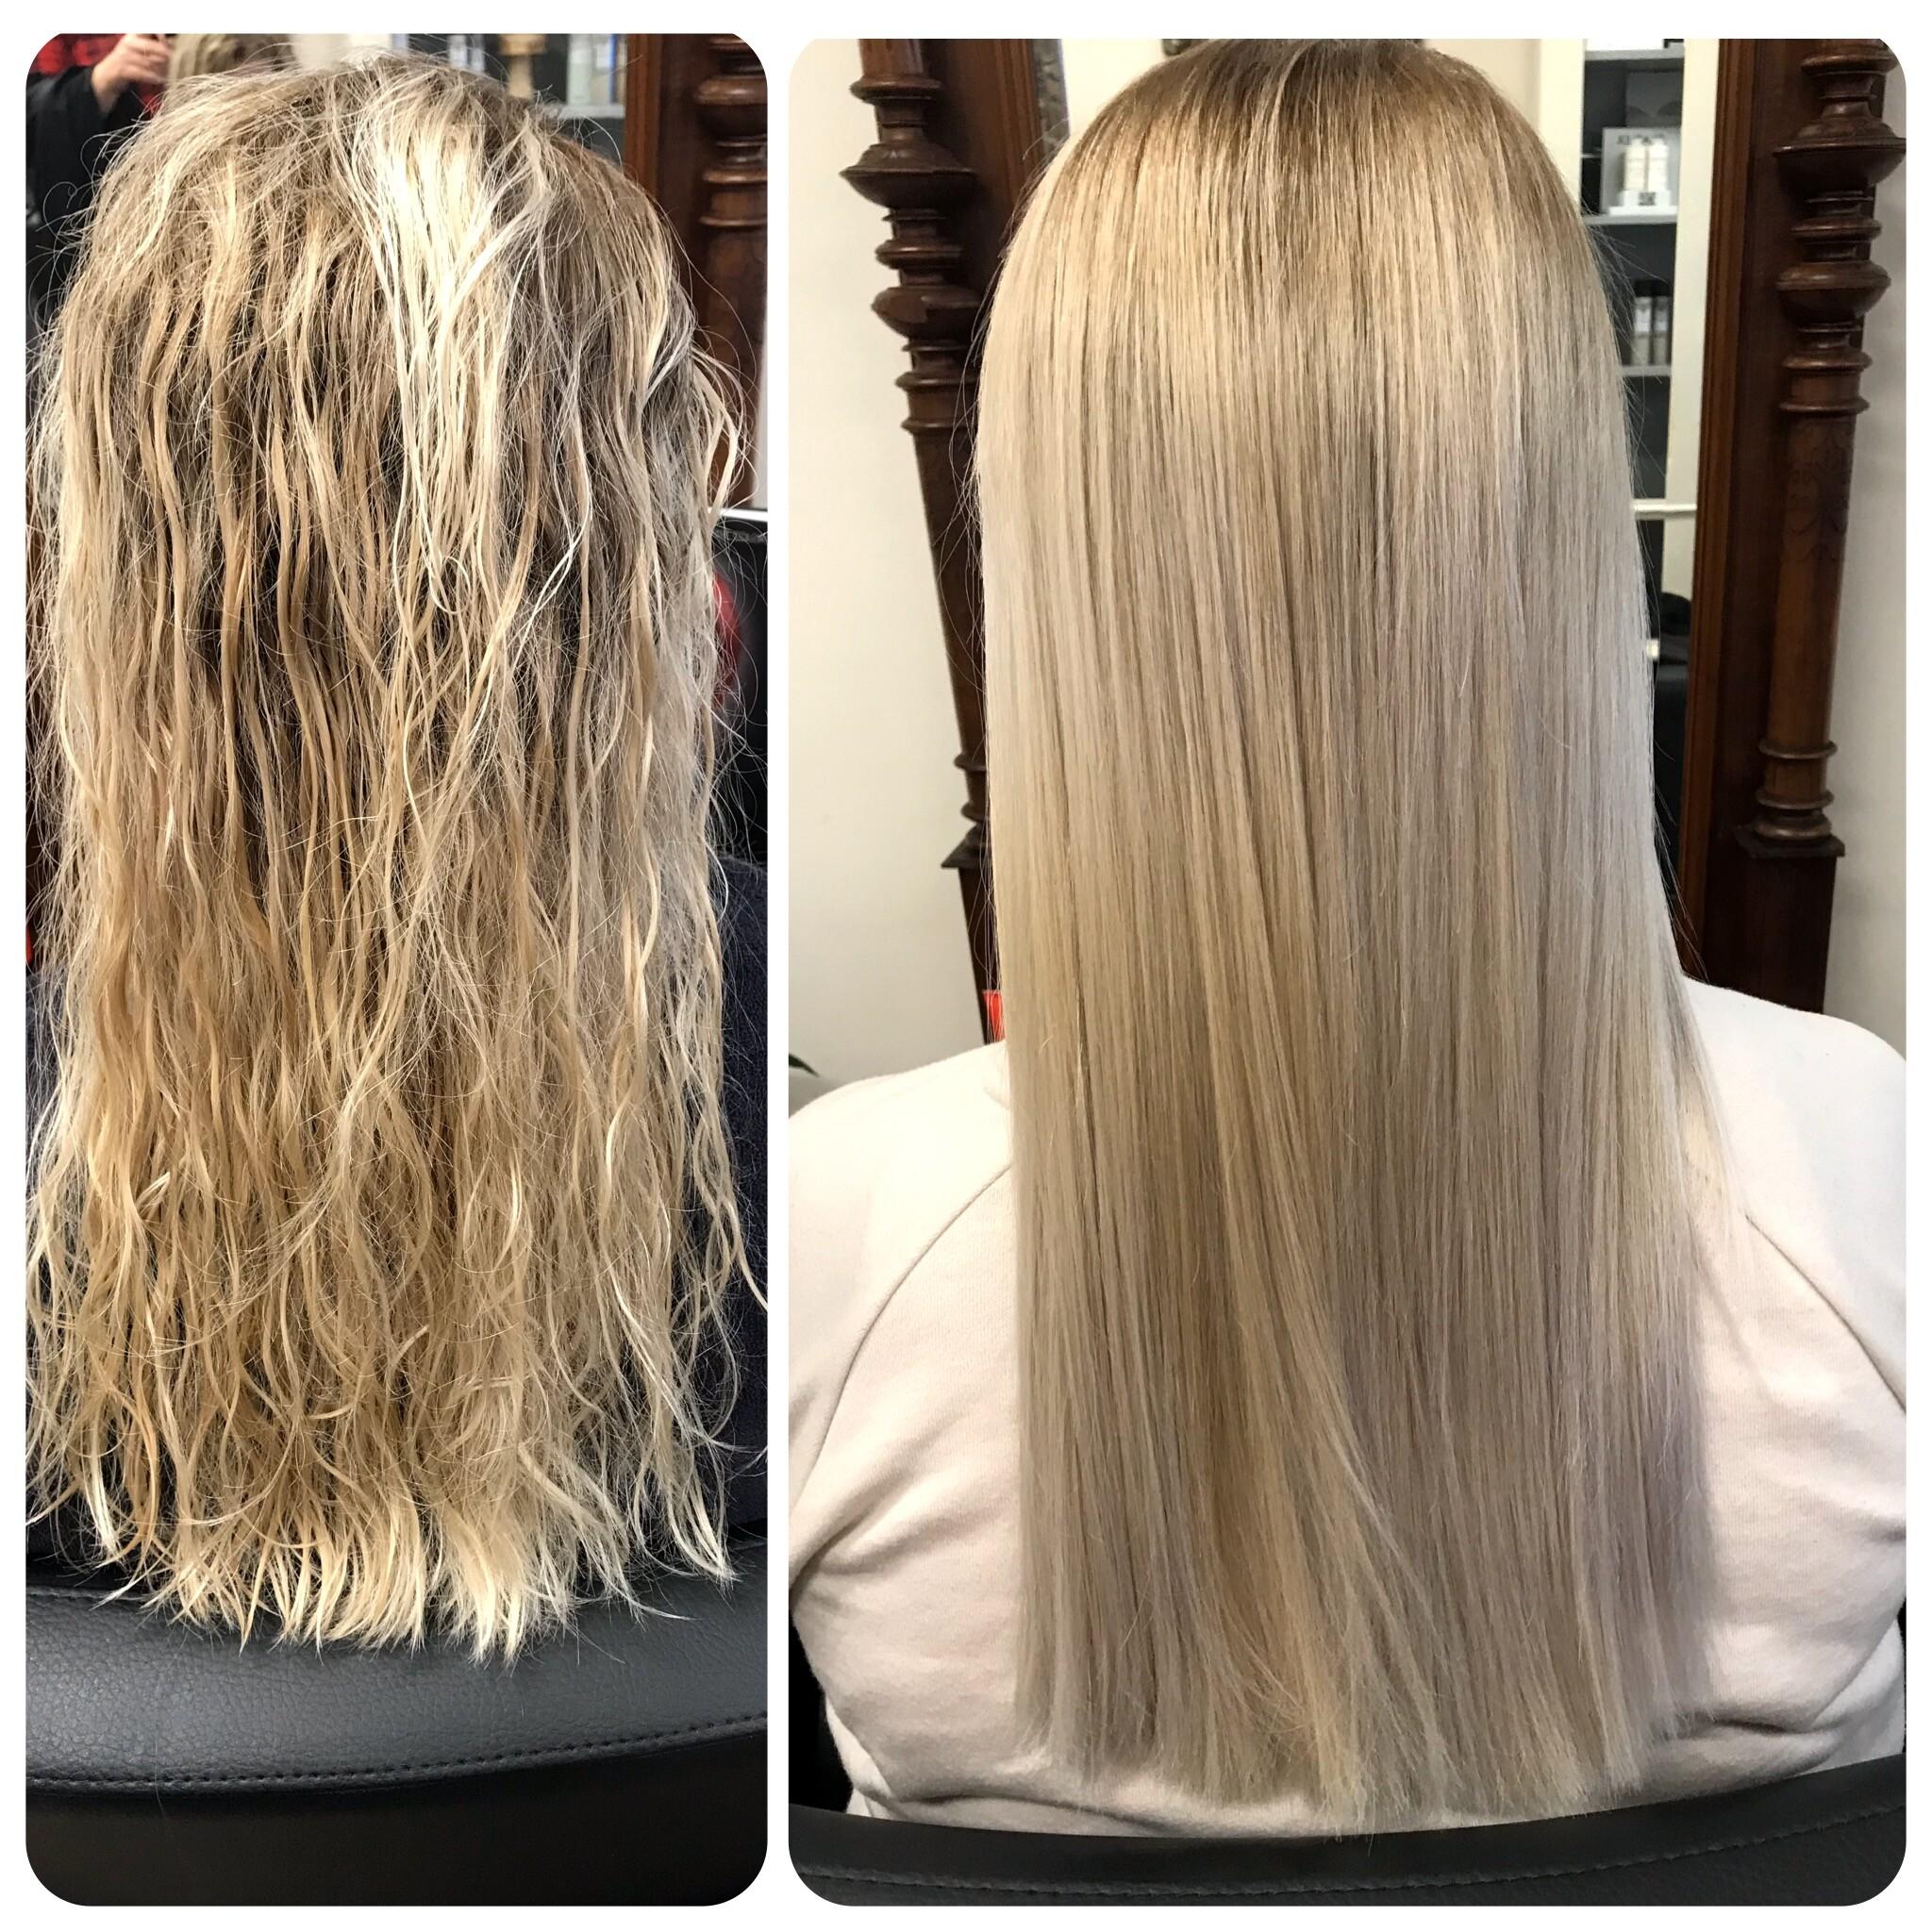 Dauerhafte Haarglättung mit NEWSHA Blond Vorher und Nachher Bild